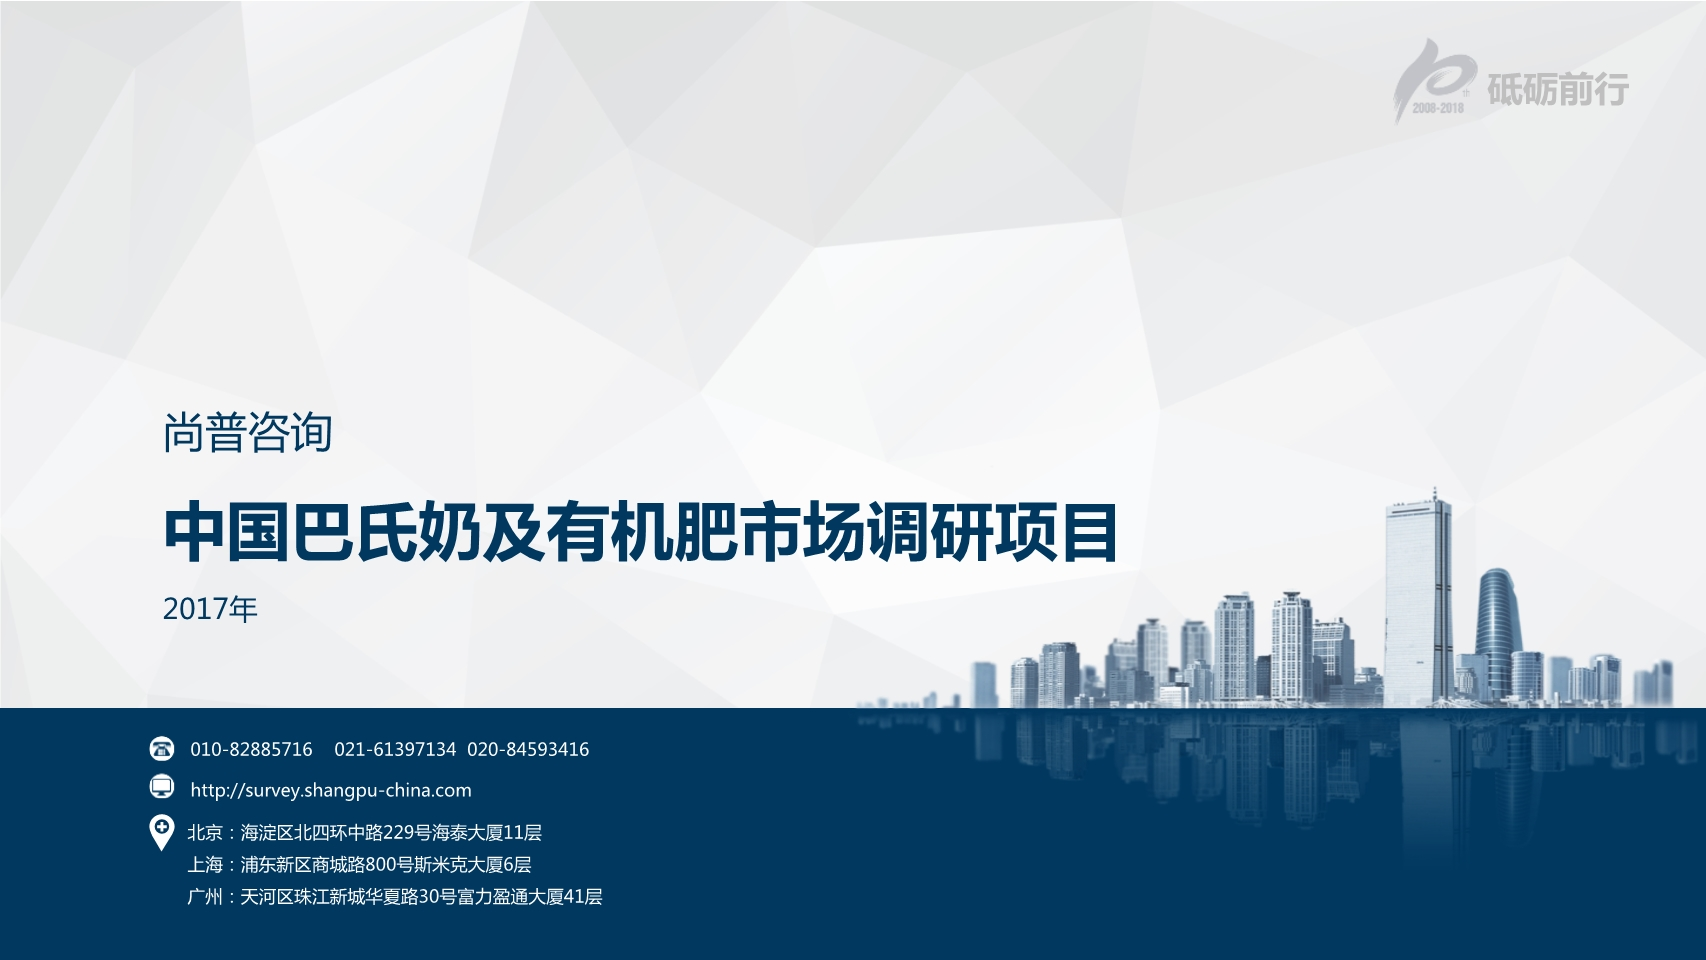 尚普咨询-中国巴氏奶以及有机肥市场调研